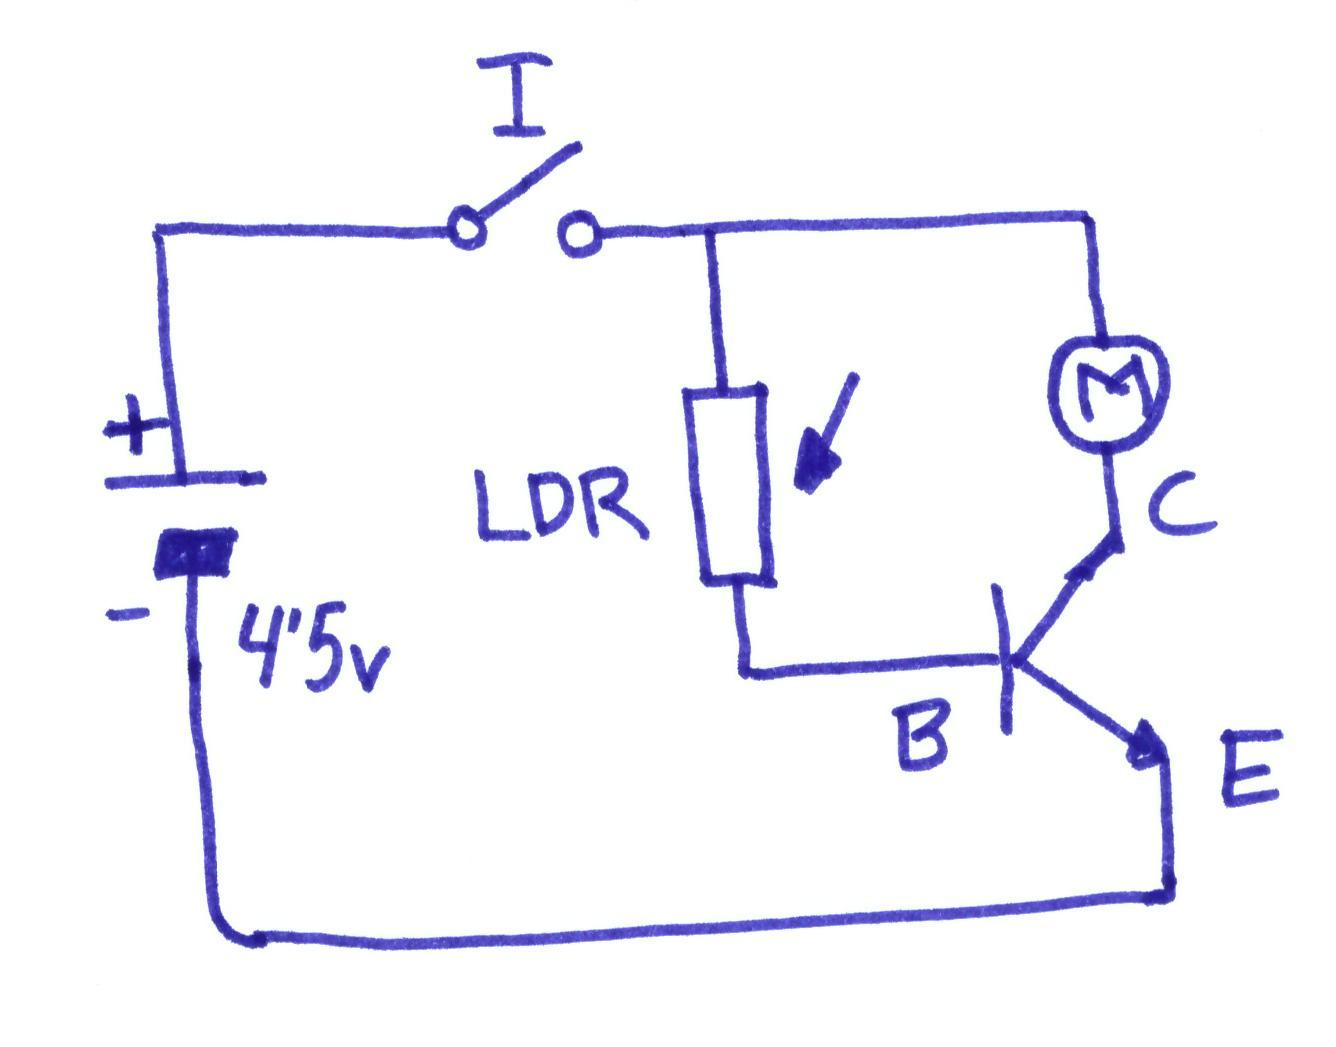 Circuito Ldr : Proyectos de tecnologÍa cochecillo con célula